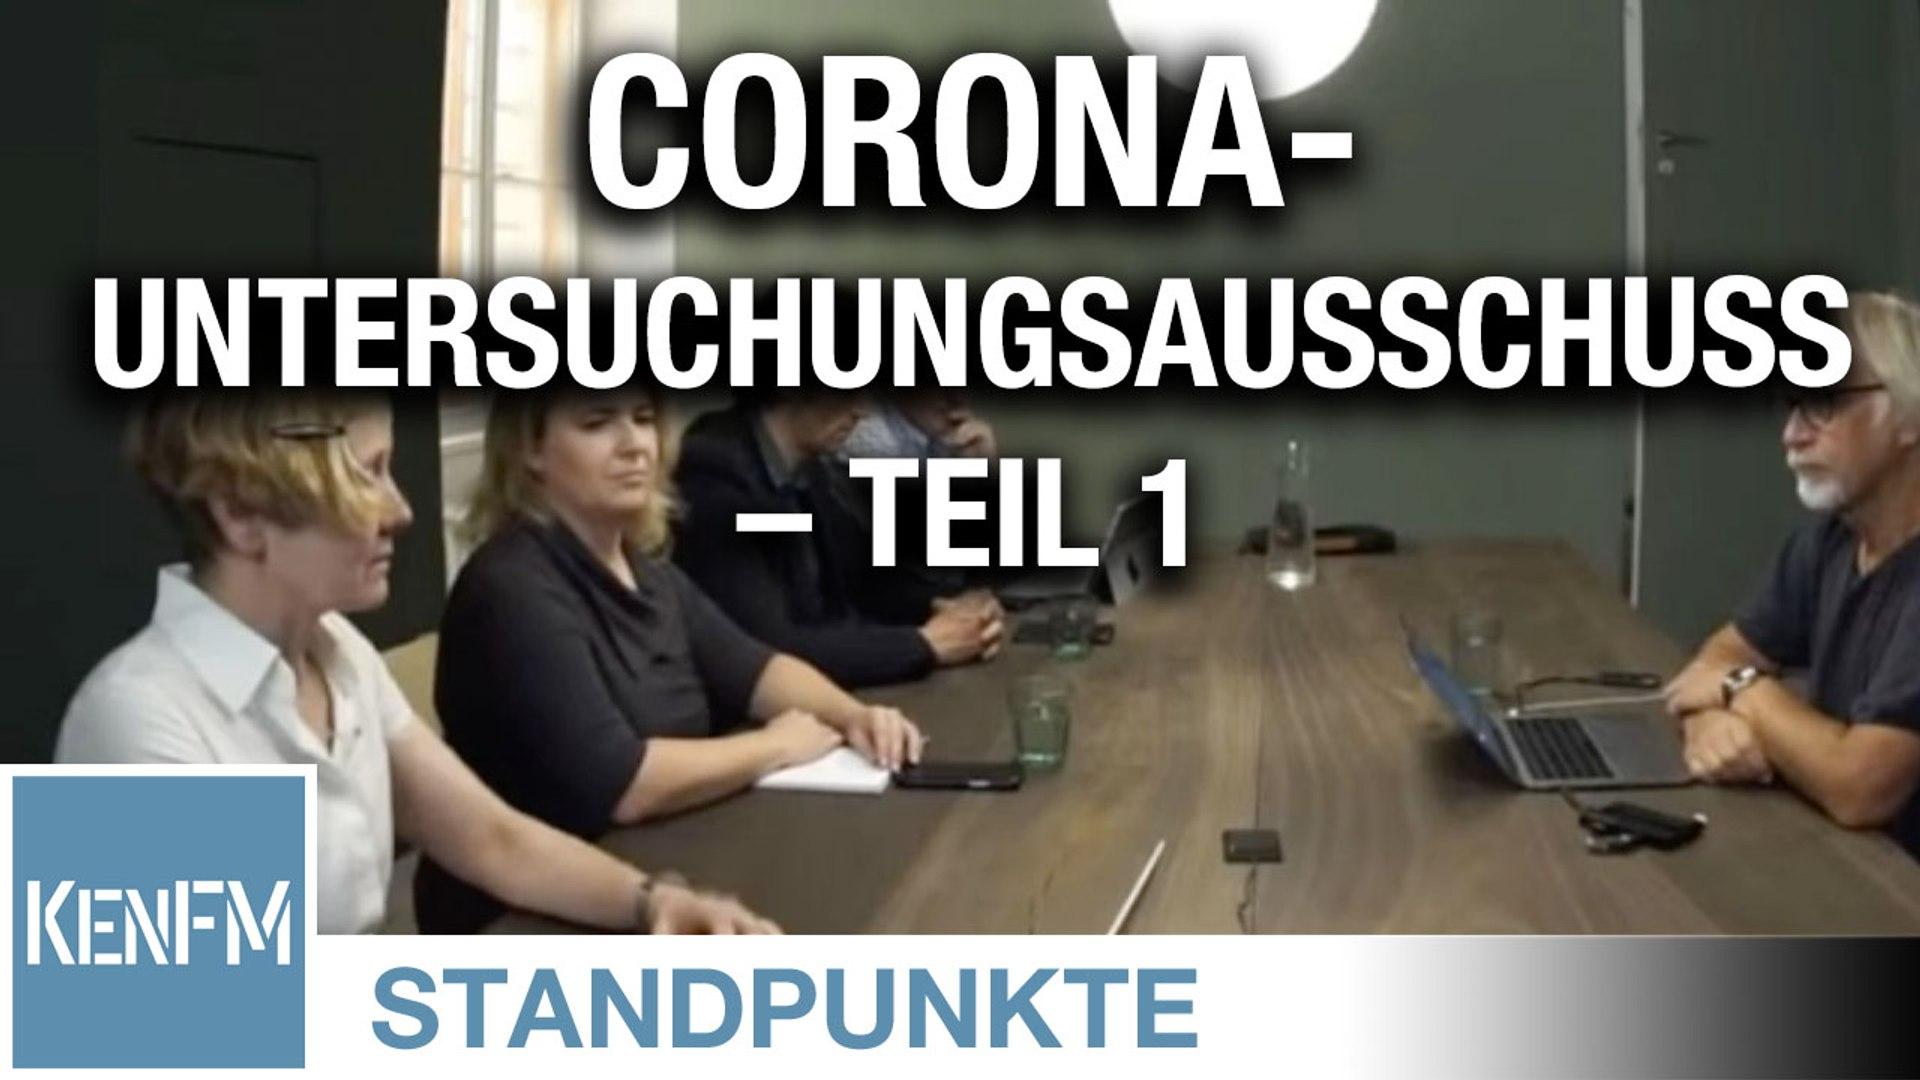 Corona-Untersuchungsausschuss – Teil 1 | Von Jochen Mitschka